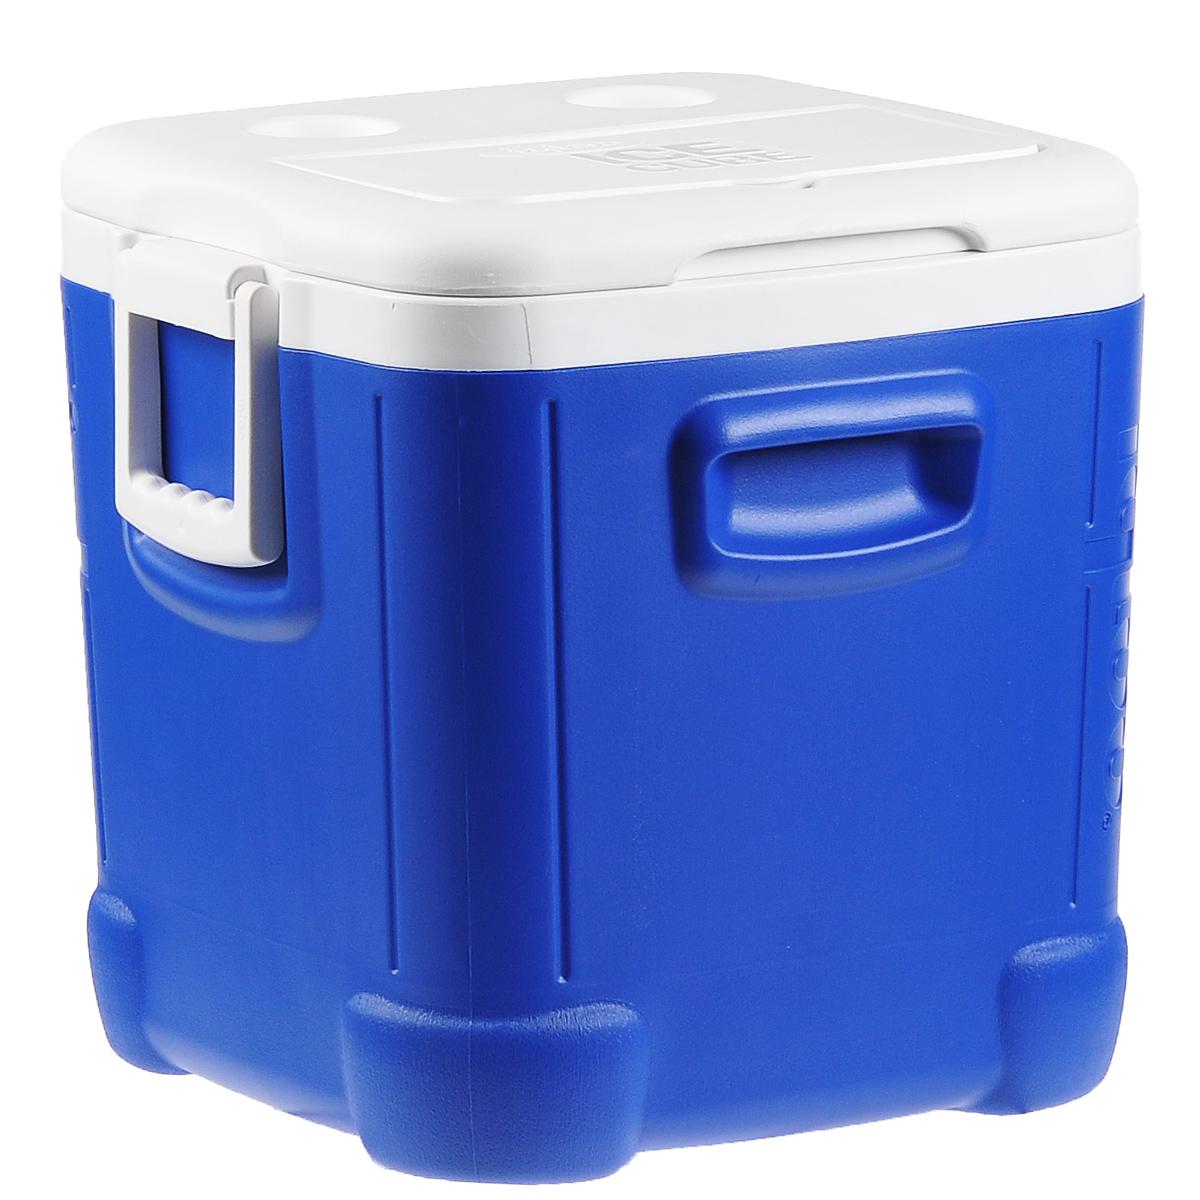 Контейнер изотермический Igloo Ice Cube, 45 л44347Удобный и прочный изотермический контейнер Igloo Ice Cube предназначен для сохранения определенной температуры продуктов во время длительных поездок. Корпус и крышка контейнера изготовлены из высококачественного пластика. Между двойными стенками находится термоизоляционный слой, который обеспечивает сохранение температуры. У контейнера одно большое вместительное отделение и 2 небольших на крышке. Крышка плотно плотно закрывается. Контейнер оснащен 2 ручками по бокам для переноски. При использовании аккумулятора холода контейнер обеспечивает сохранение продуктов холодными до 24 часов. Контейнер такого размера идеально подойдет для пикника или для поездки на дачу, или просто для длительной поездки. Контейнеры Igloo Ice Cube можно использовать не только для сохранения холодных продуктов, но и для транспортировки горячих блюд. В этом случае аккумуляторы нагреваются в горячей воде (температура около...